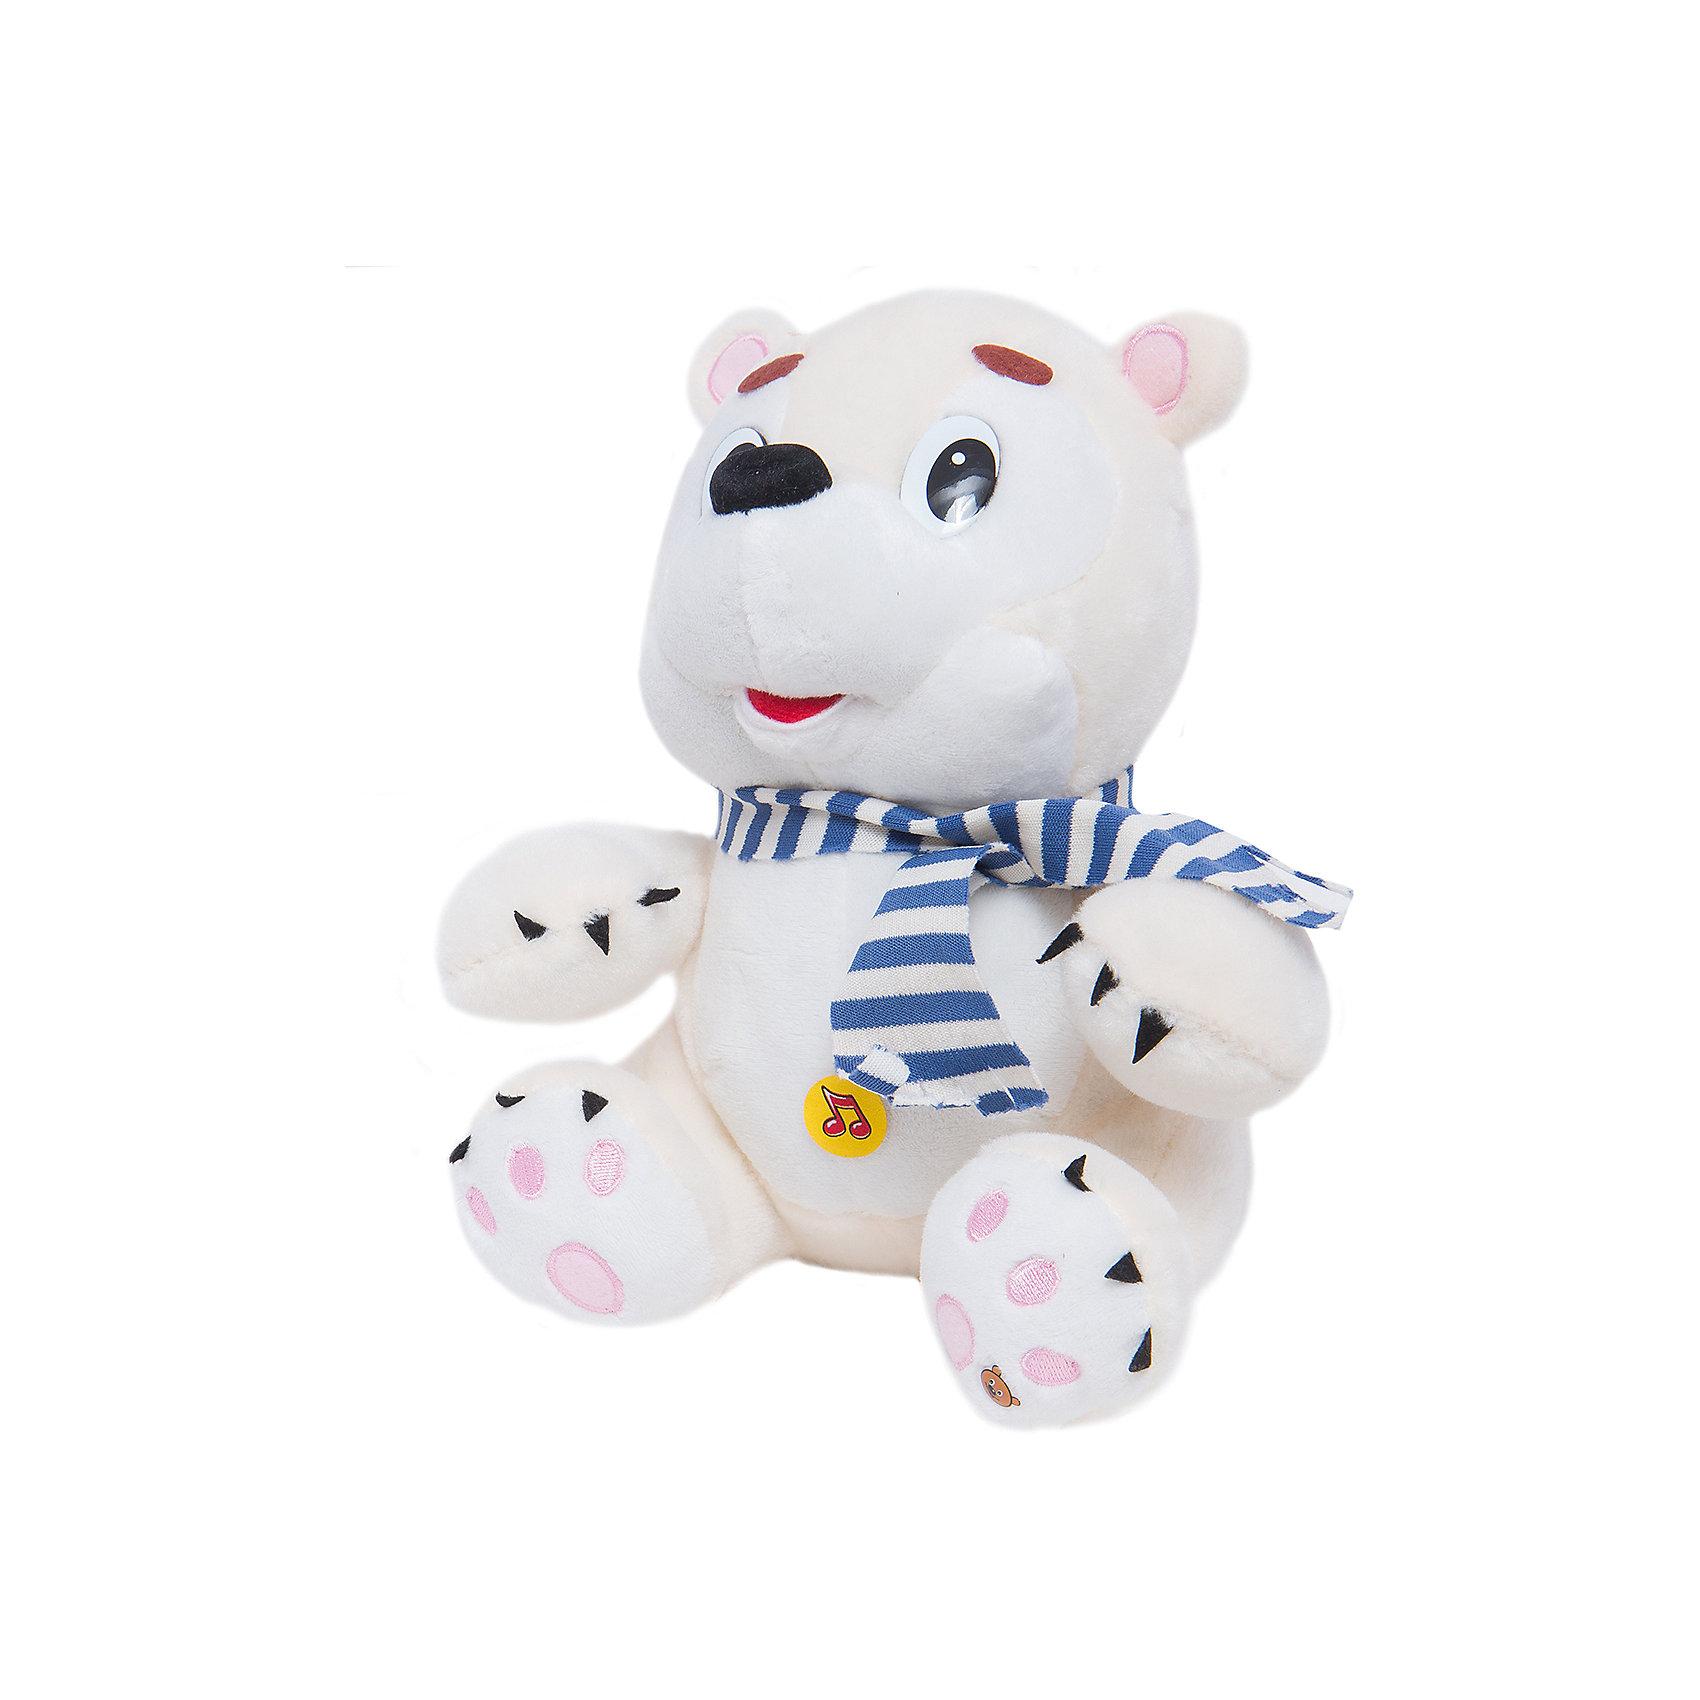 МУЛЬТИ-ПУЛЬТИ Мягкая игрушка Медведь Умка, 25 см, МУЛЬТИ-ПУЛЬТИ мульти пульти мягкая игрушка маша 30 см со звуком маша и медведь мульти пульти